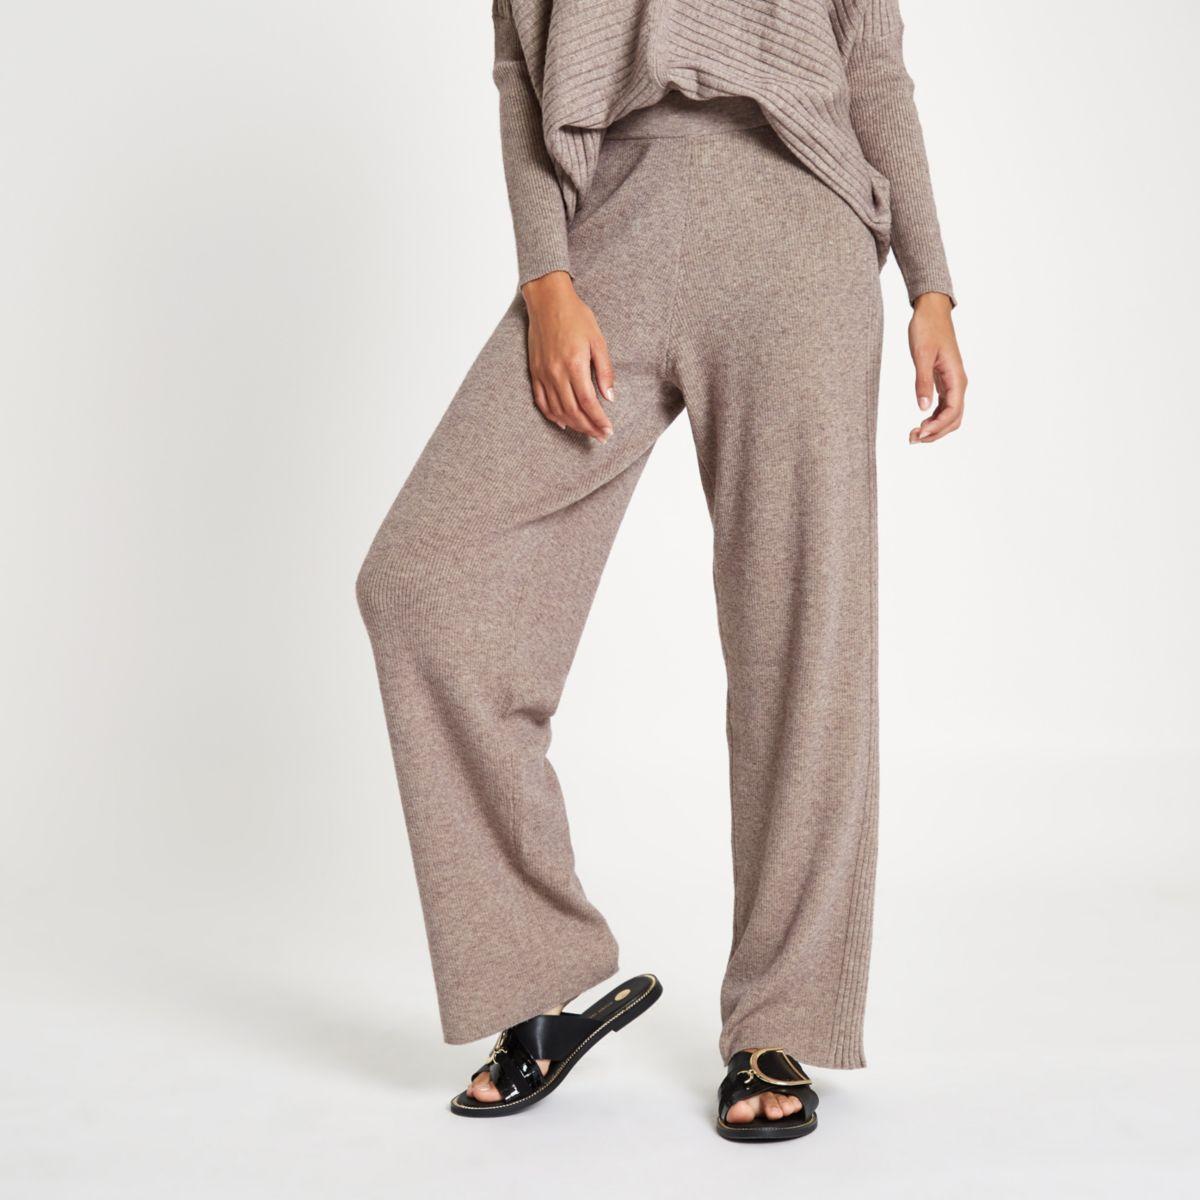 Beige knit wide leg trousers